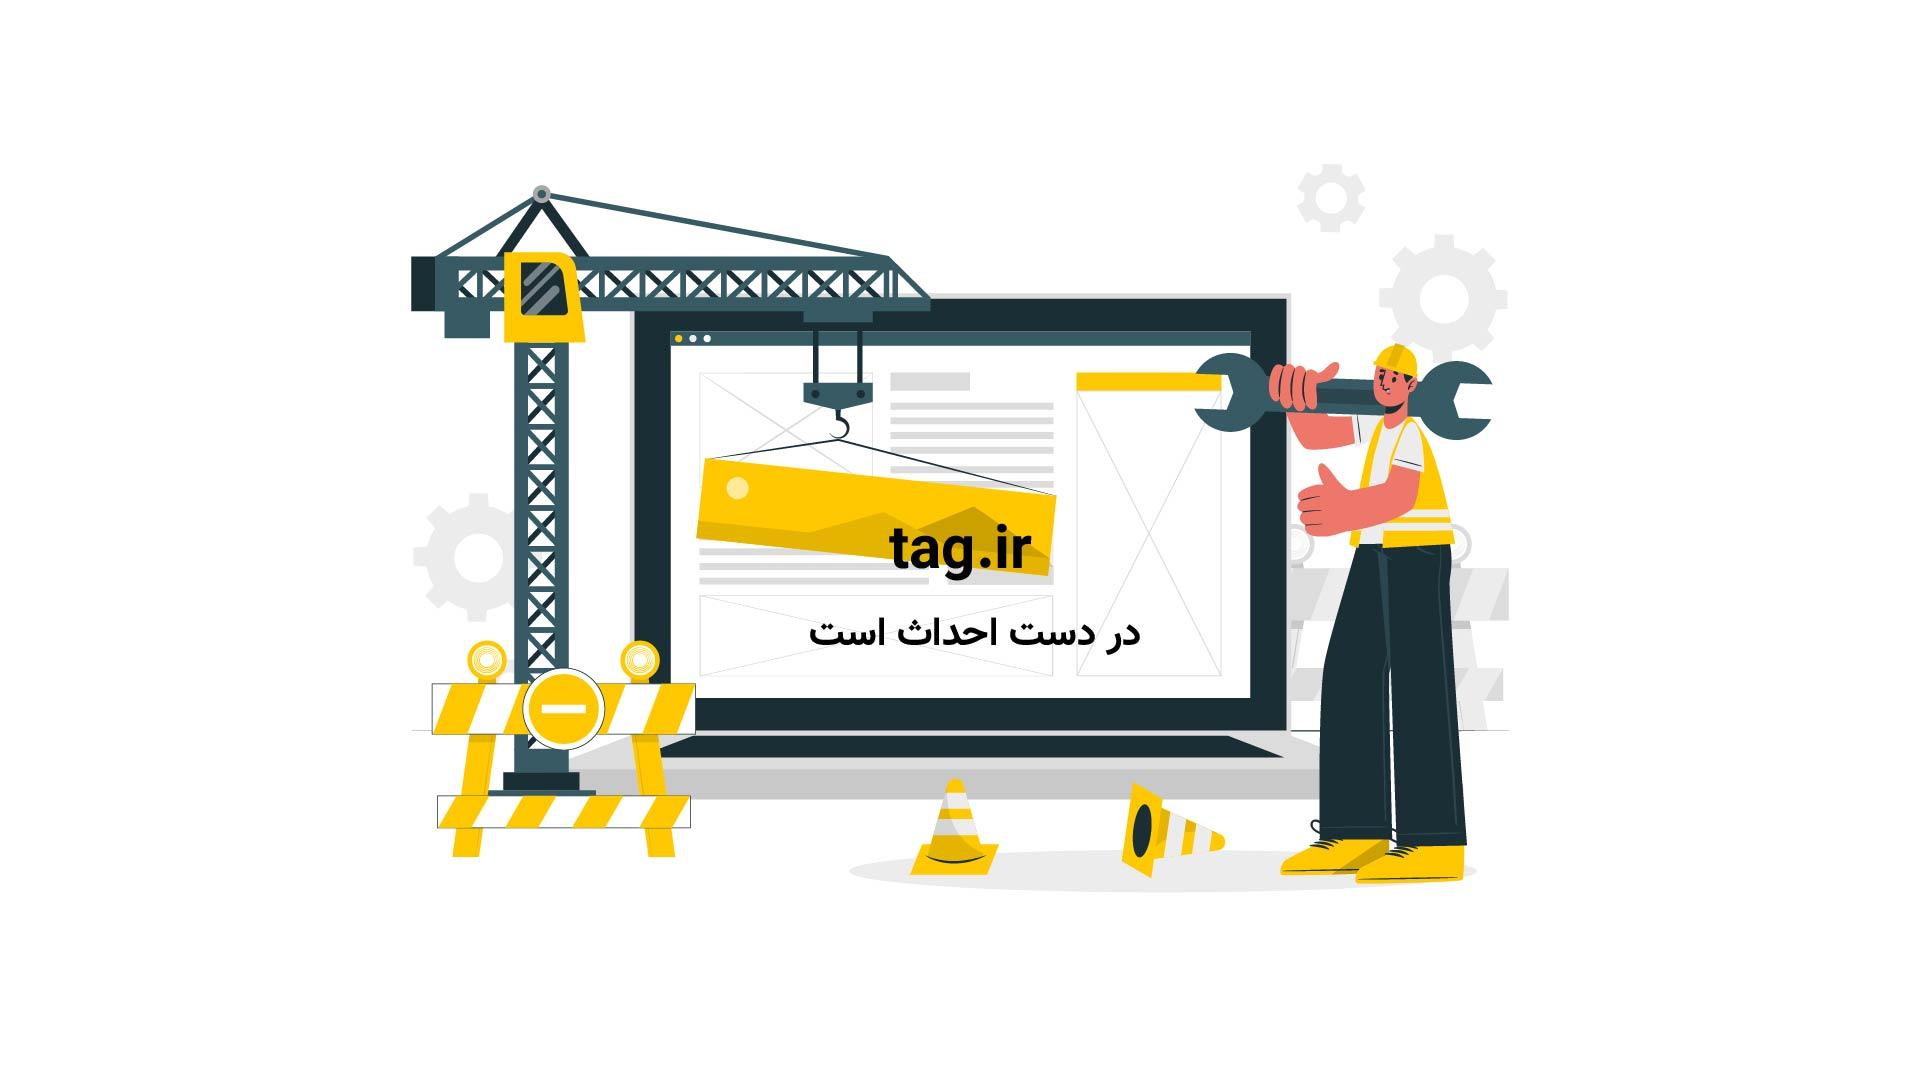 خطر عربستان در بروکسل